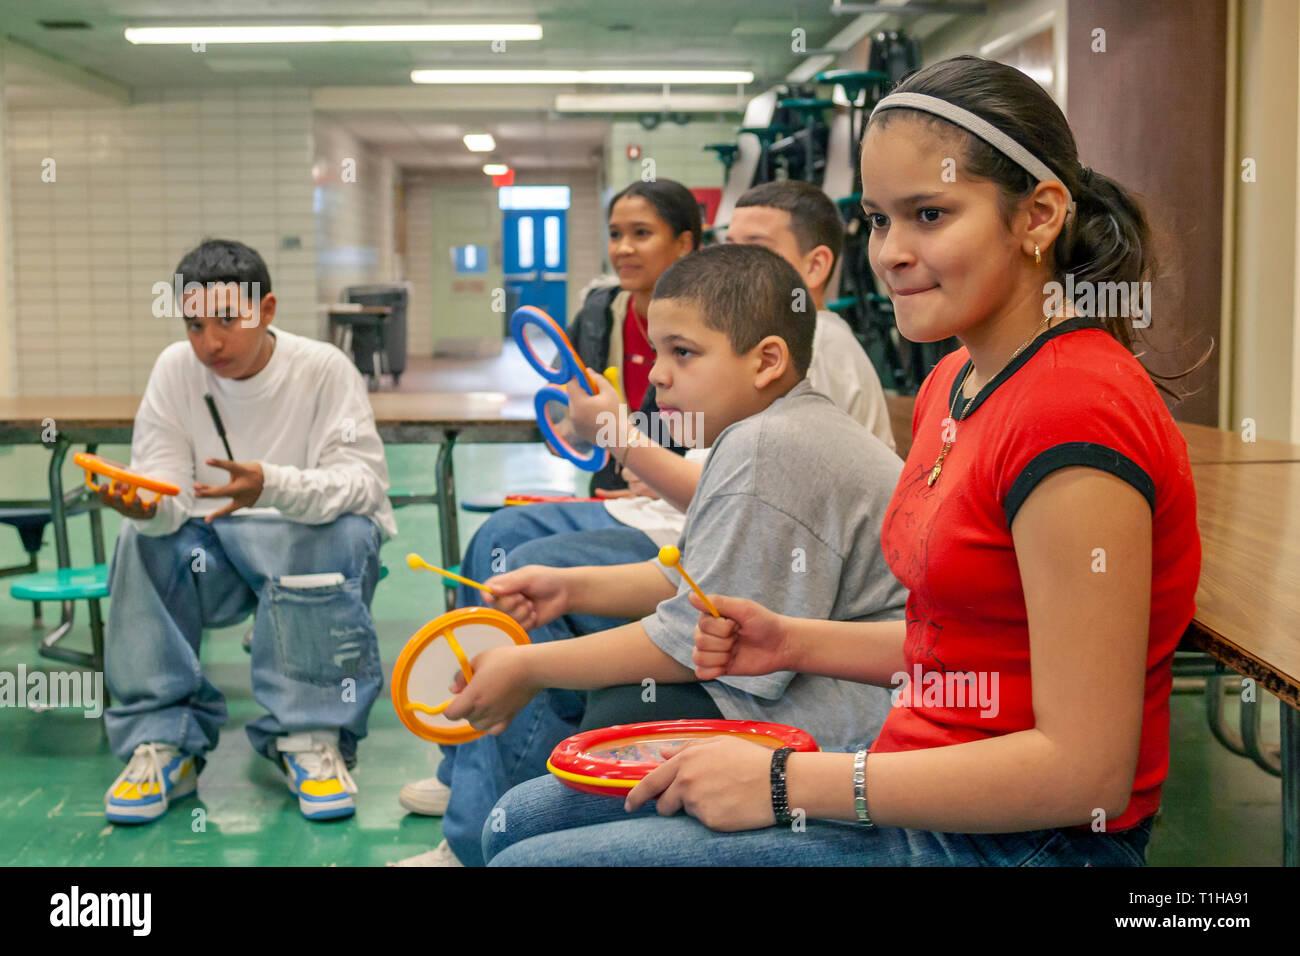 Schule für Kinder in der Gruppe lernen Musikinstrumente mit ihrer Musik Lehrer zu spielen. Stockfoto